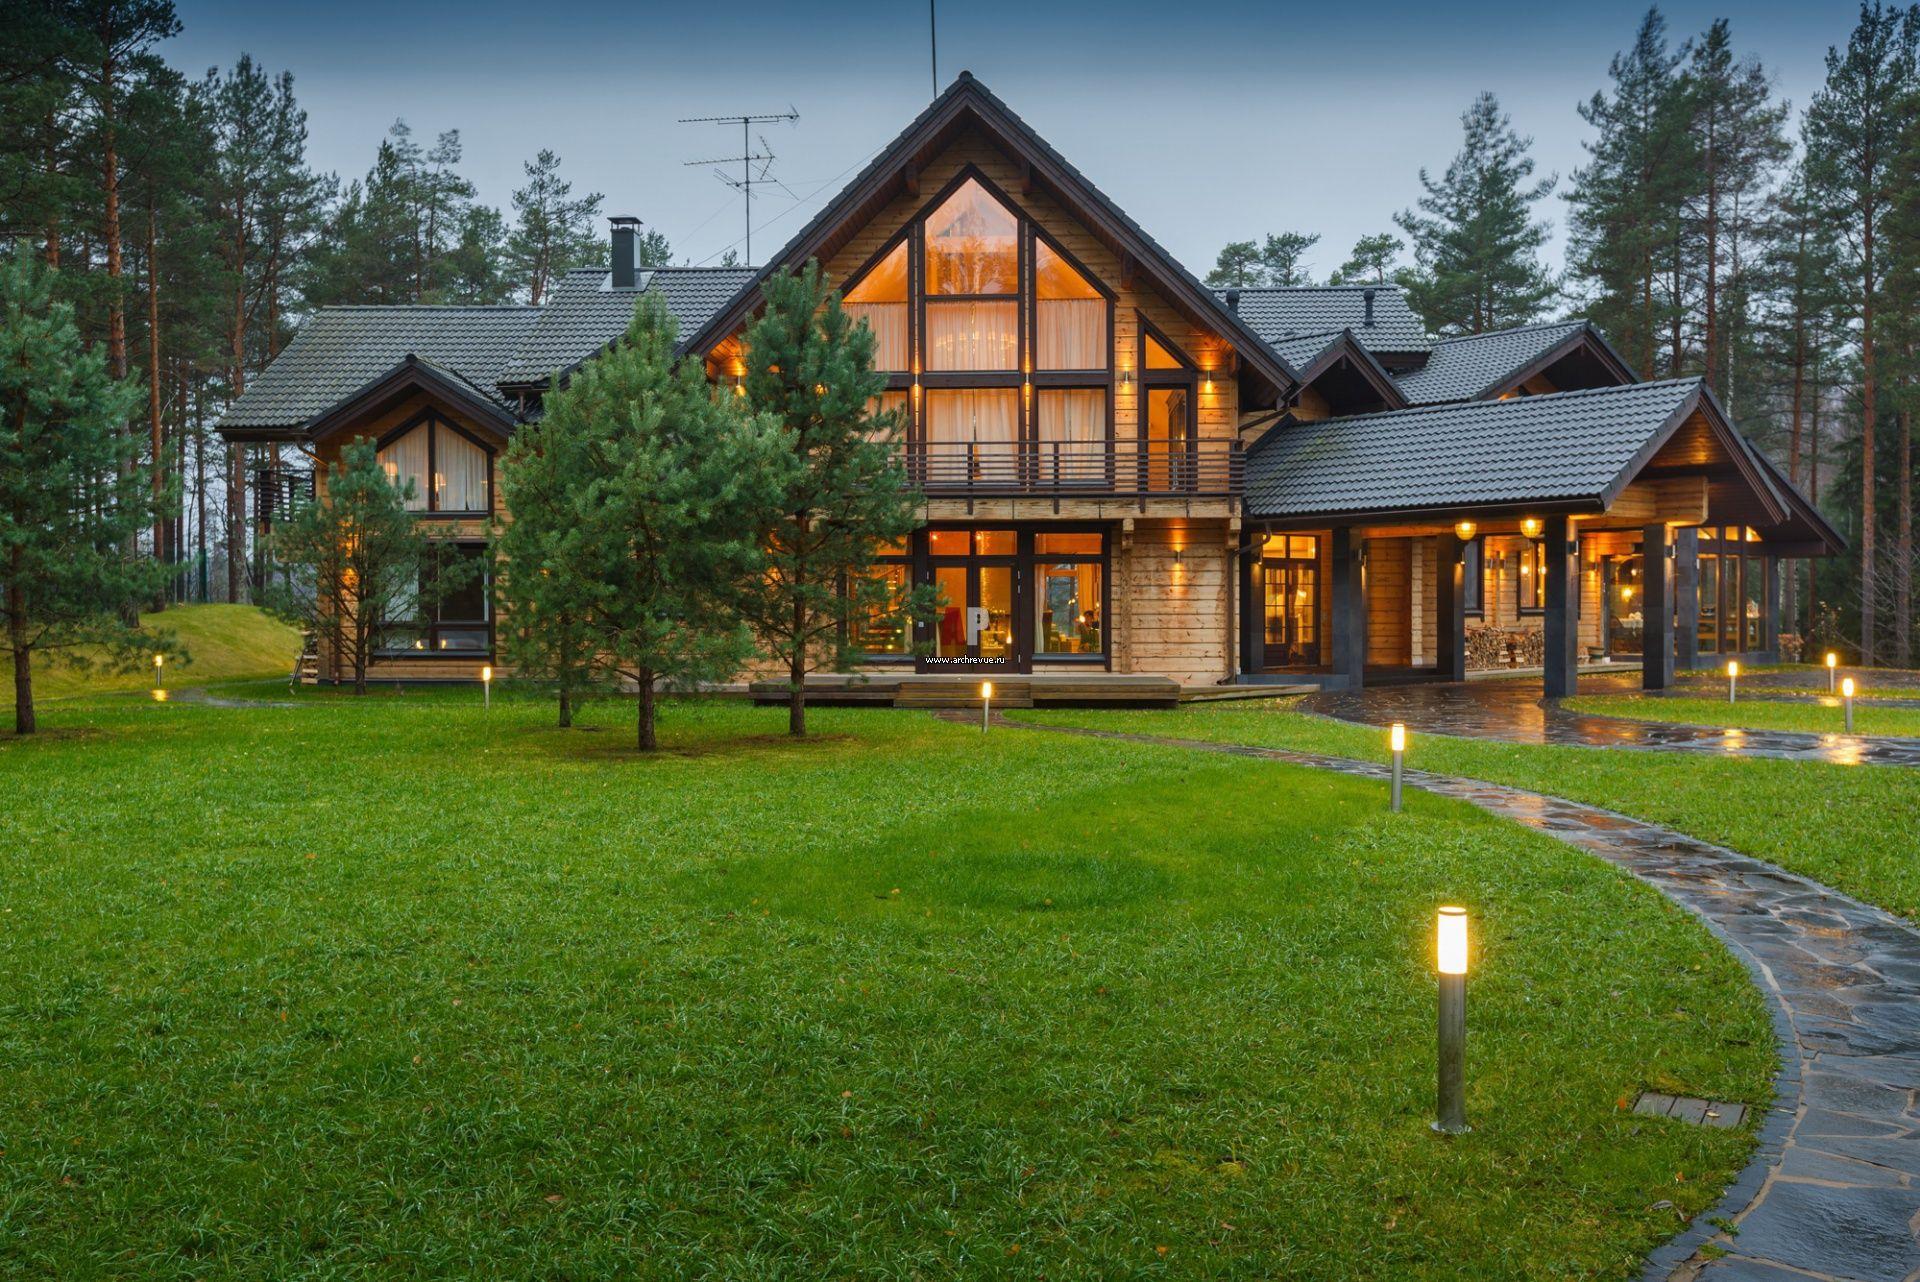 так понимаю красивые деревянные дома и коттеджи проекты фото этого нужно